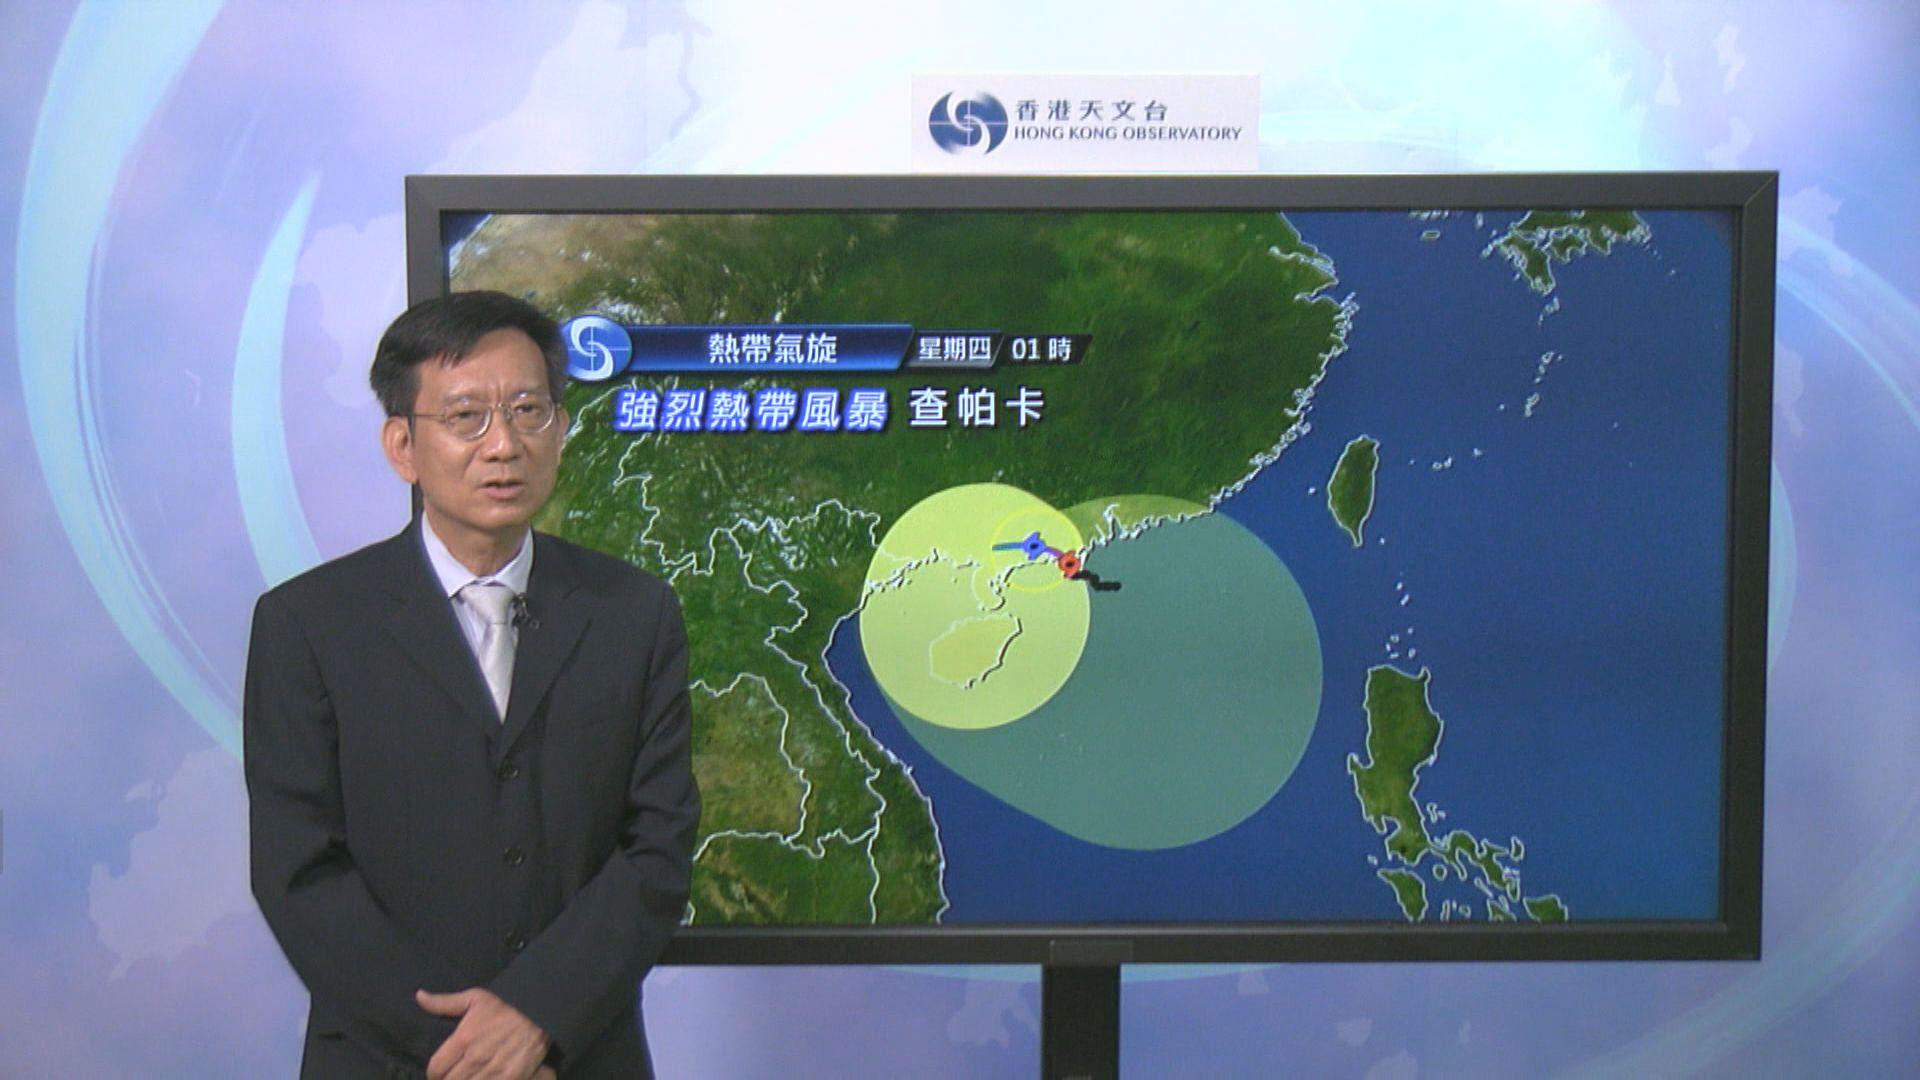 【風暴消息】查帕卡逐漸遠離 未來數小時改發一號信號